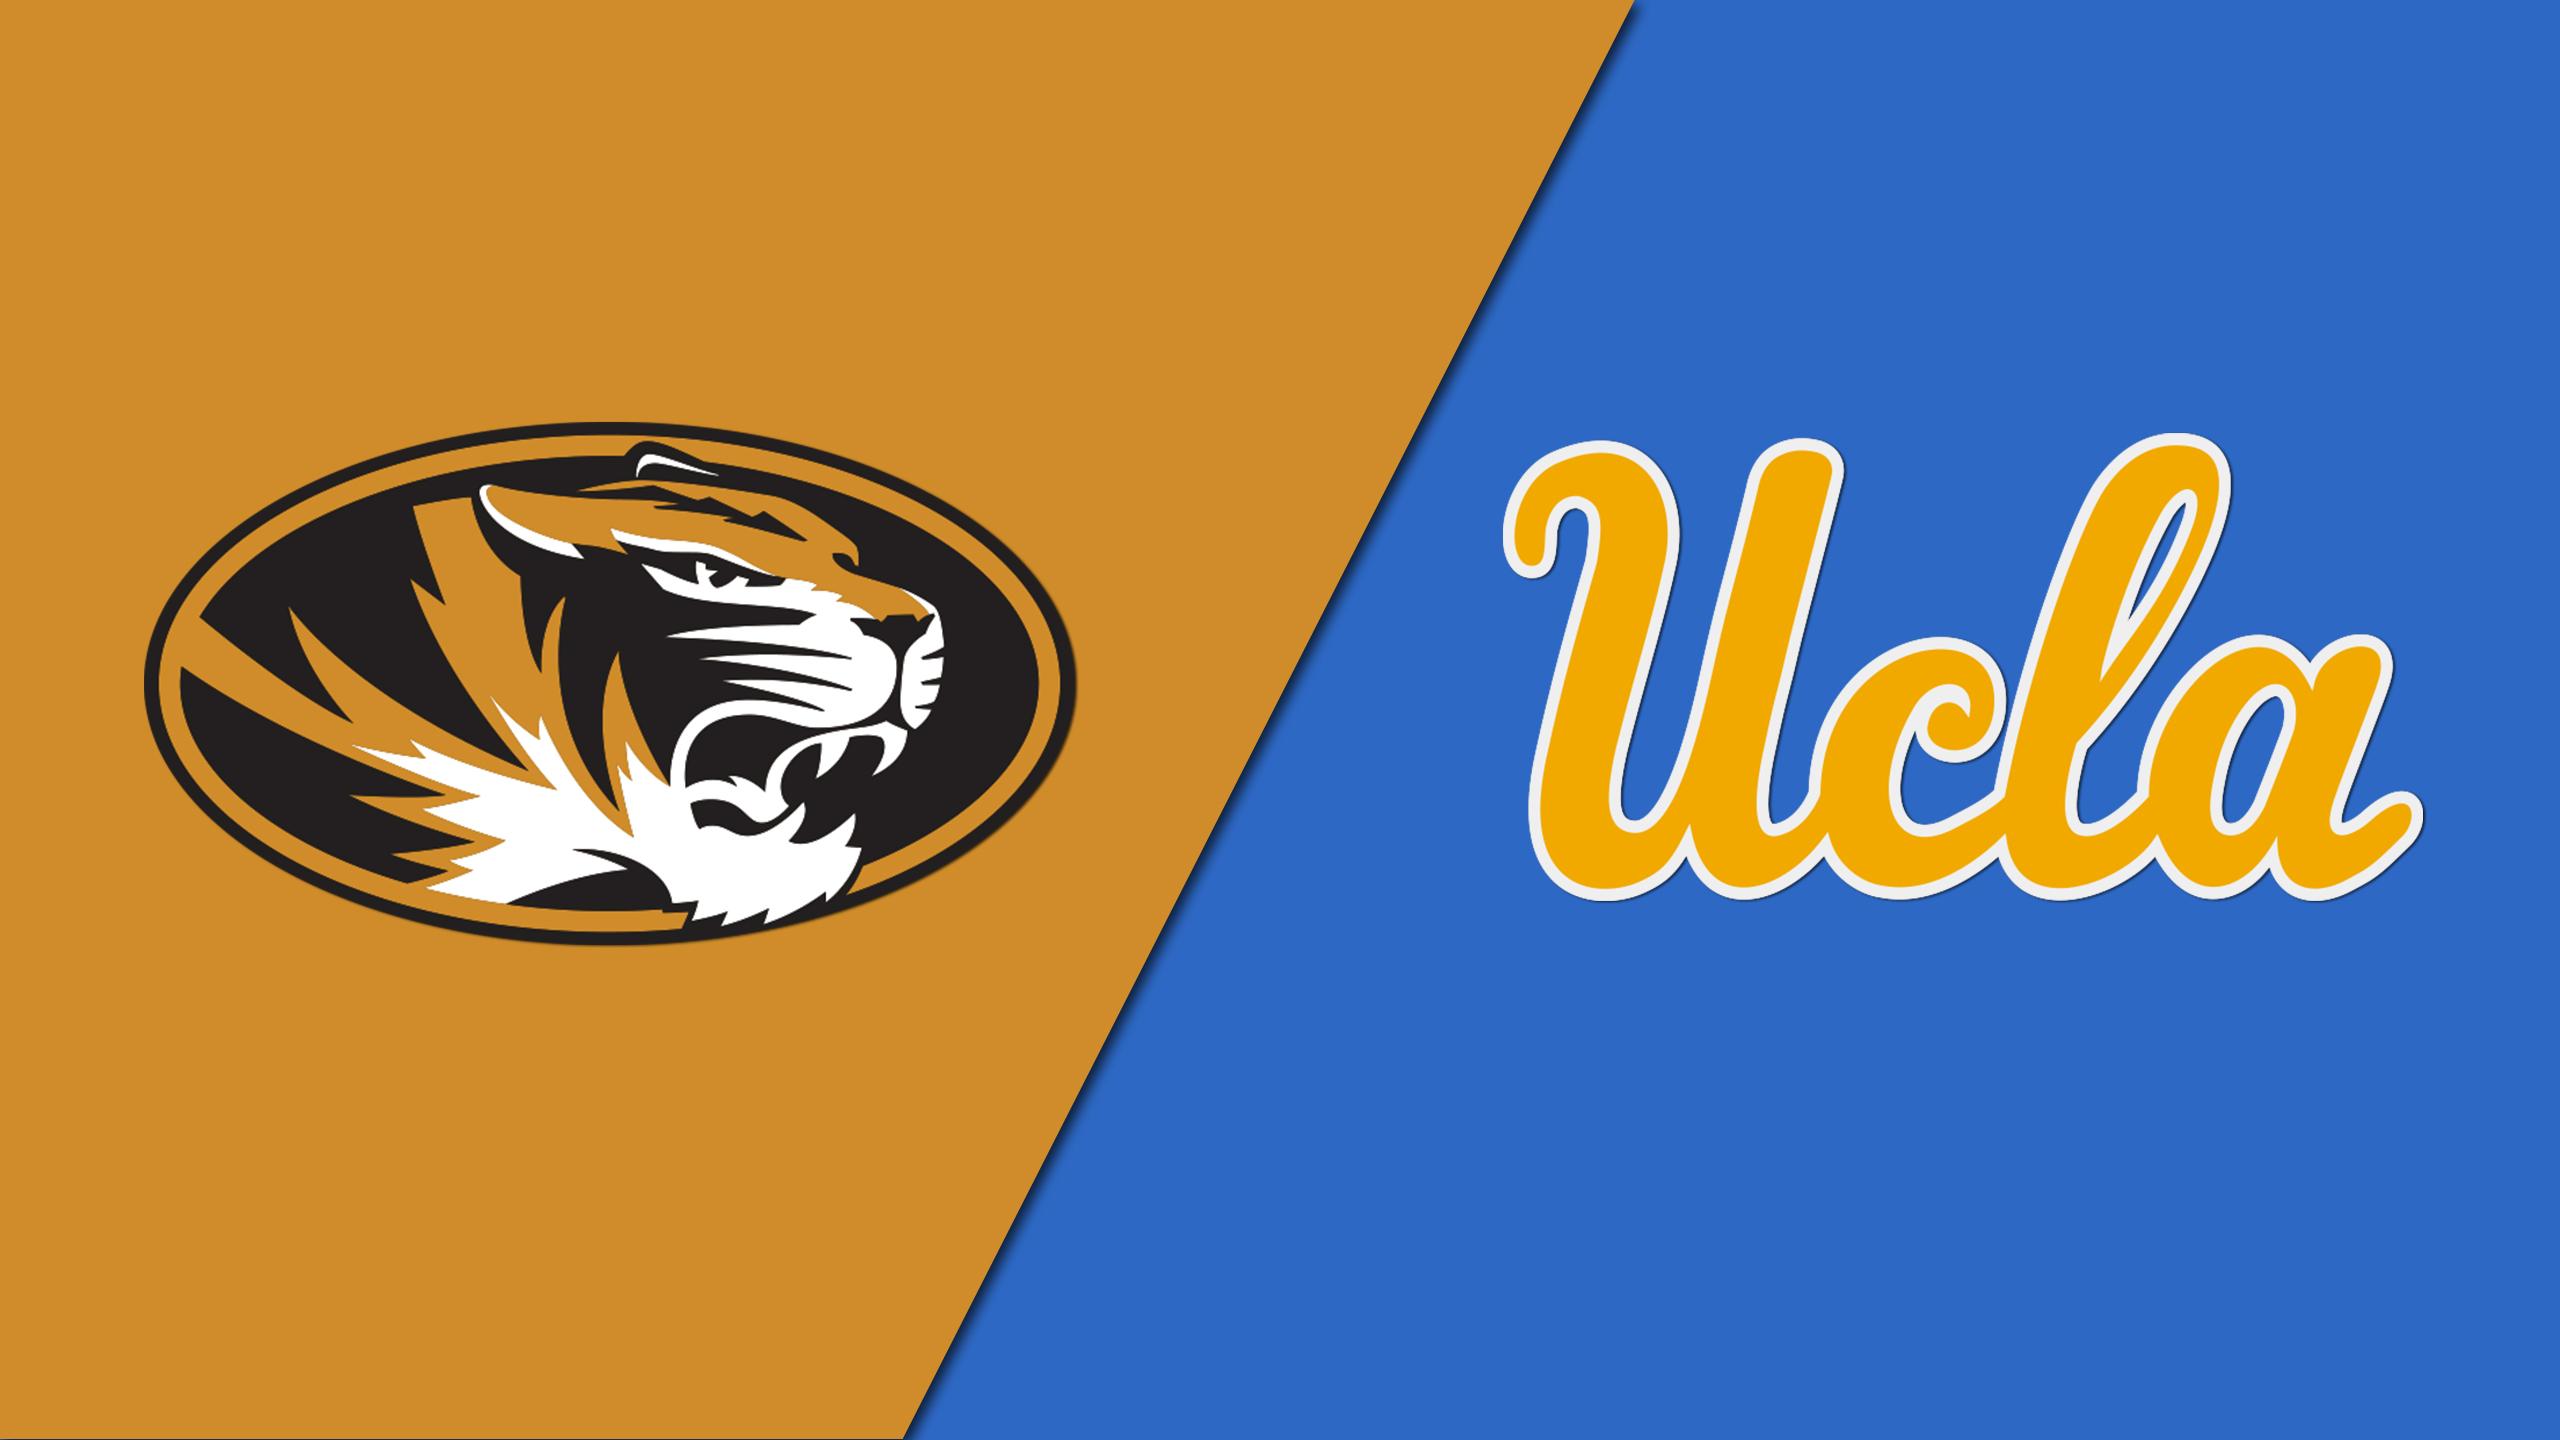 Missouri vs. UCLA (Site 8 / Game 7)